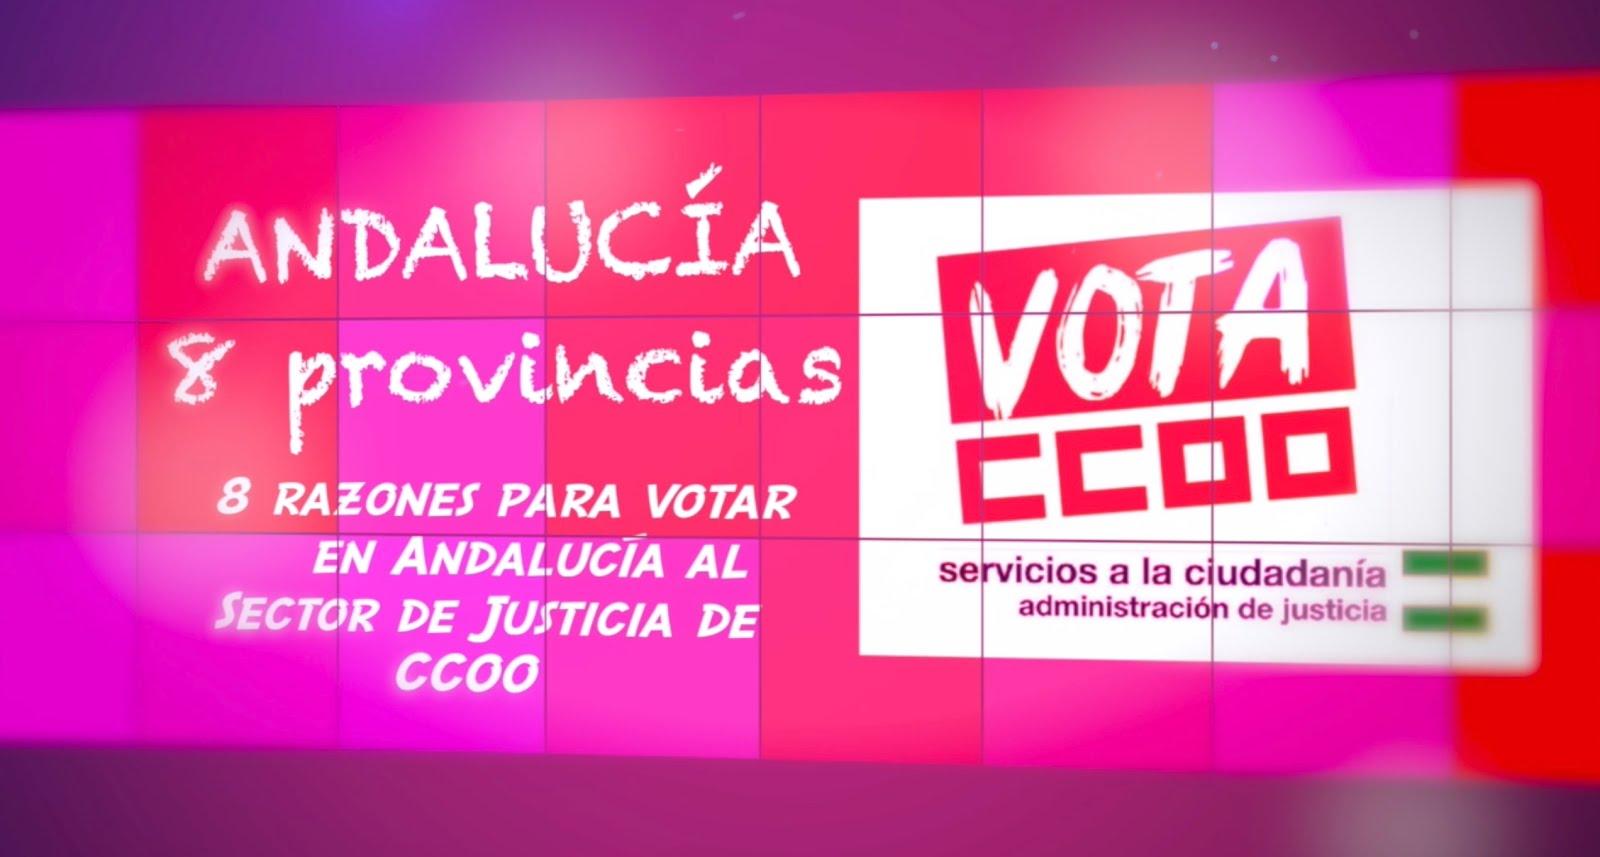 VIDEO ELECTORAL SECTOR DE JUSTICIA DE CCOO ANDALUCIA 2019